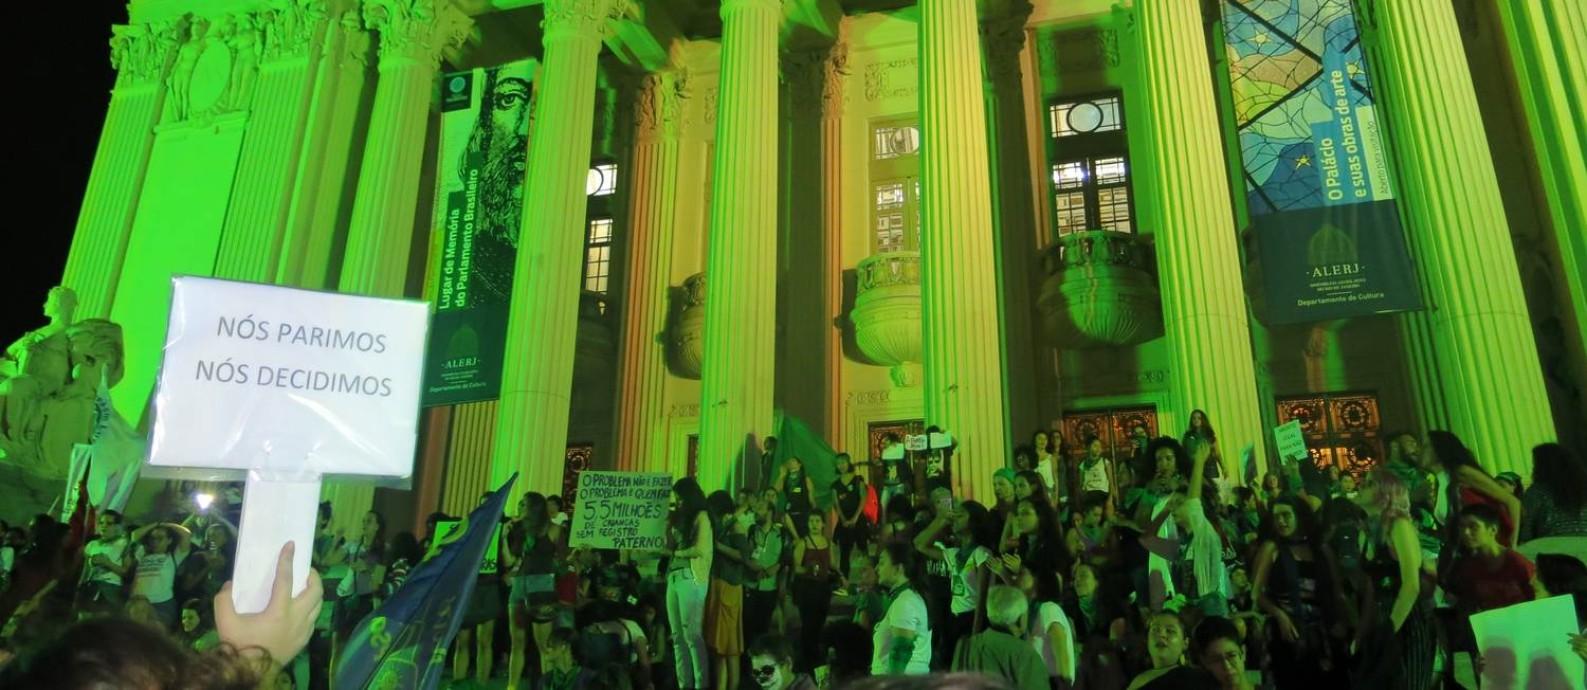 Cerca de 300 manifestantes se reúnem na noite desta sexta-feira em frente à Alerj, no Centro do rio, para pedir a descriminalização do aborto no Brasil Foto: Clarissa Pains